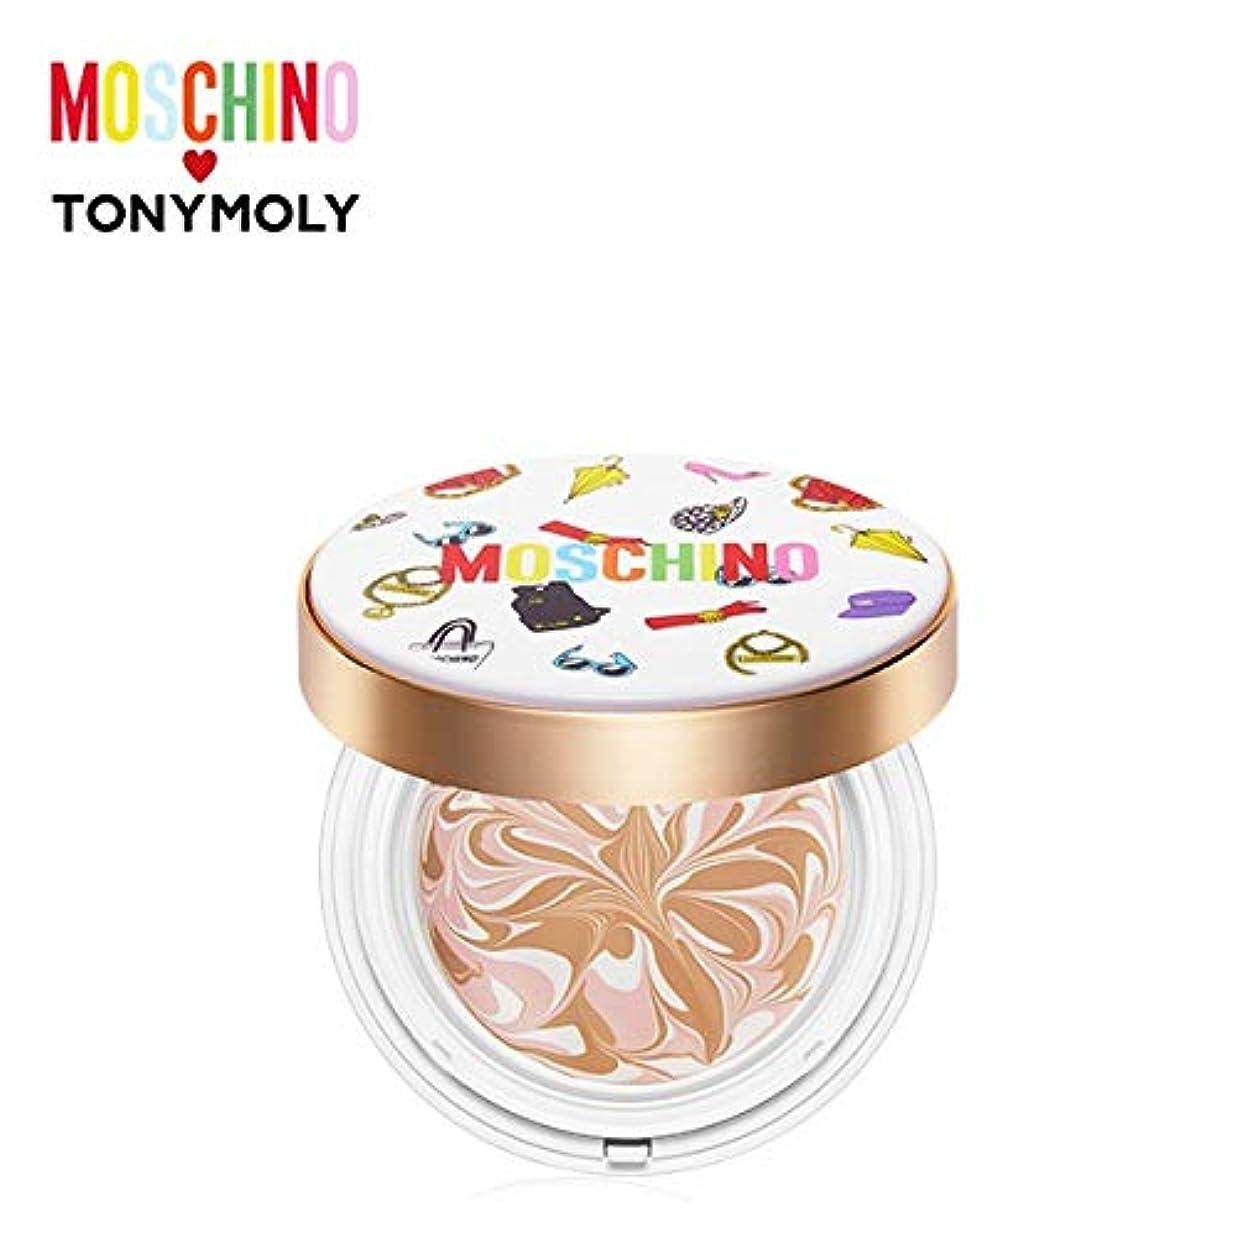 カーテン助けて専門用語トニーモリー [モスキーノ] シック スキン エッセンス パクト 18g TONYMOLY [MOSCHINO] Chic Skin Essence Pact #01 CHIC VANILLA [並行輸入品]